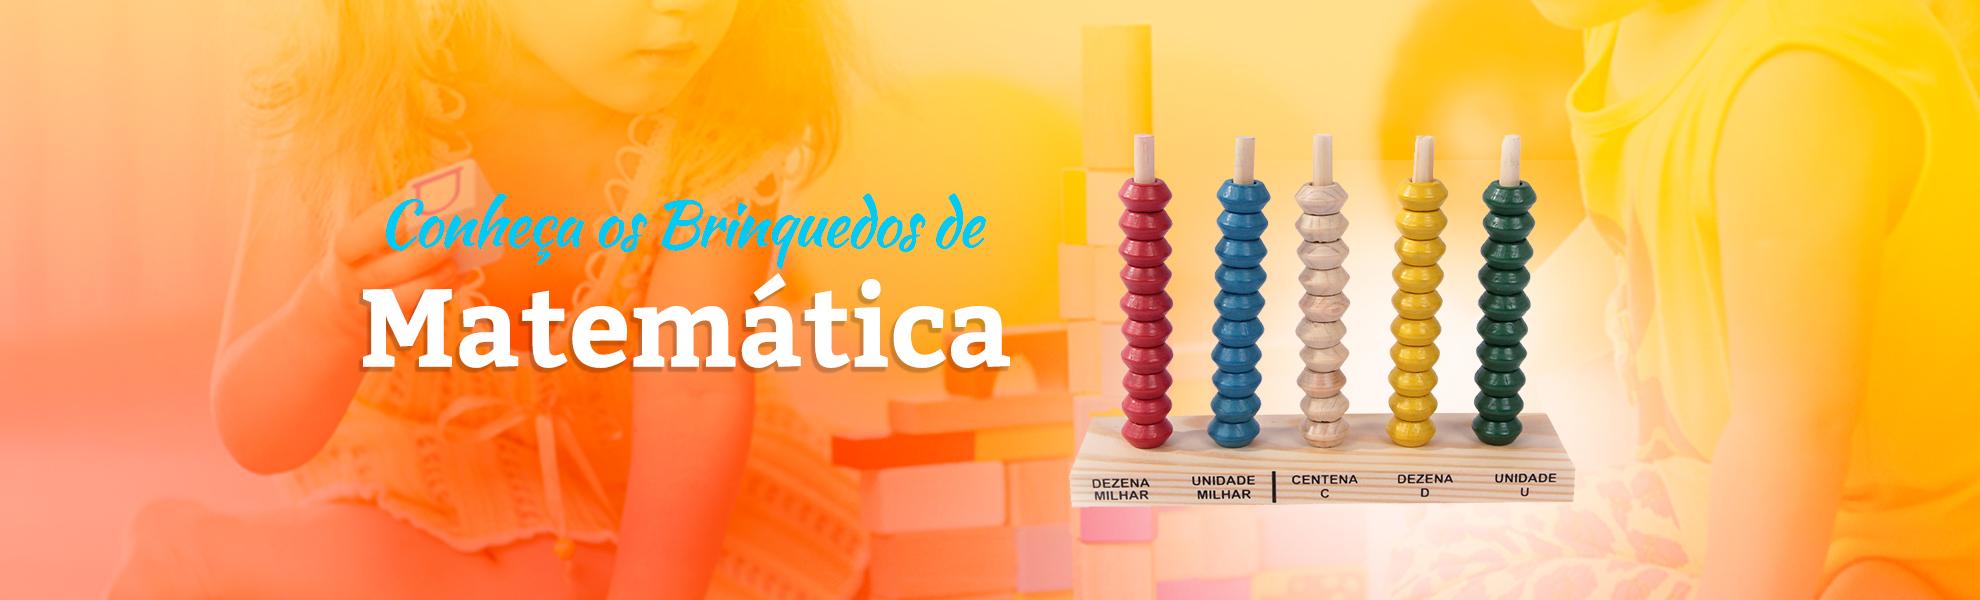 Brinquedos de Matemática